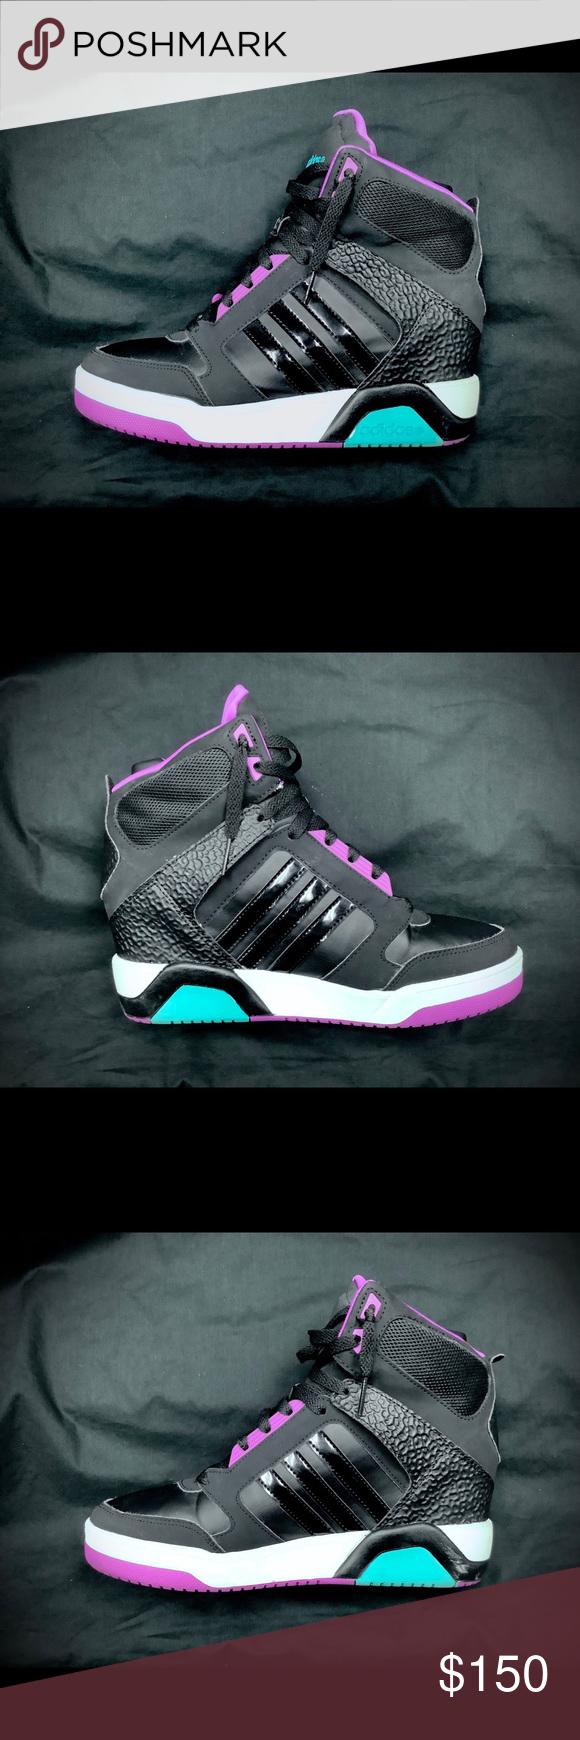 wedge sneakers, Adidas neo, Wedge sneaker